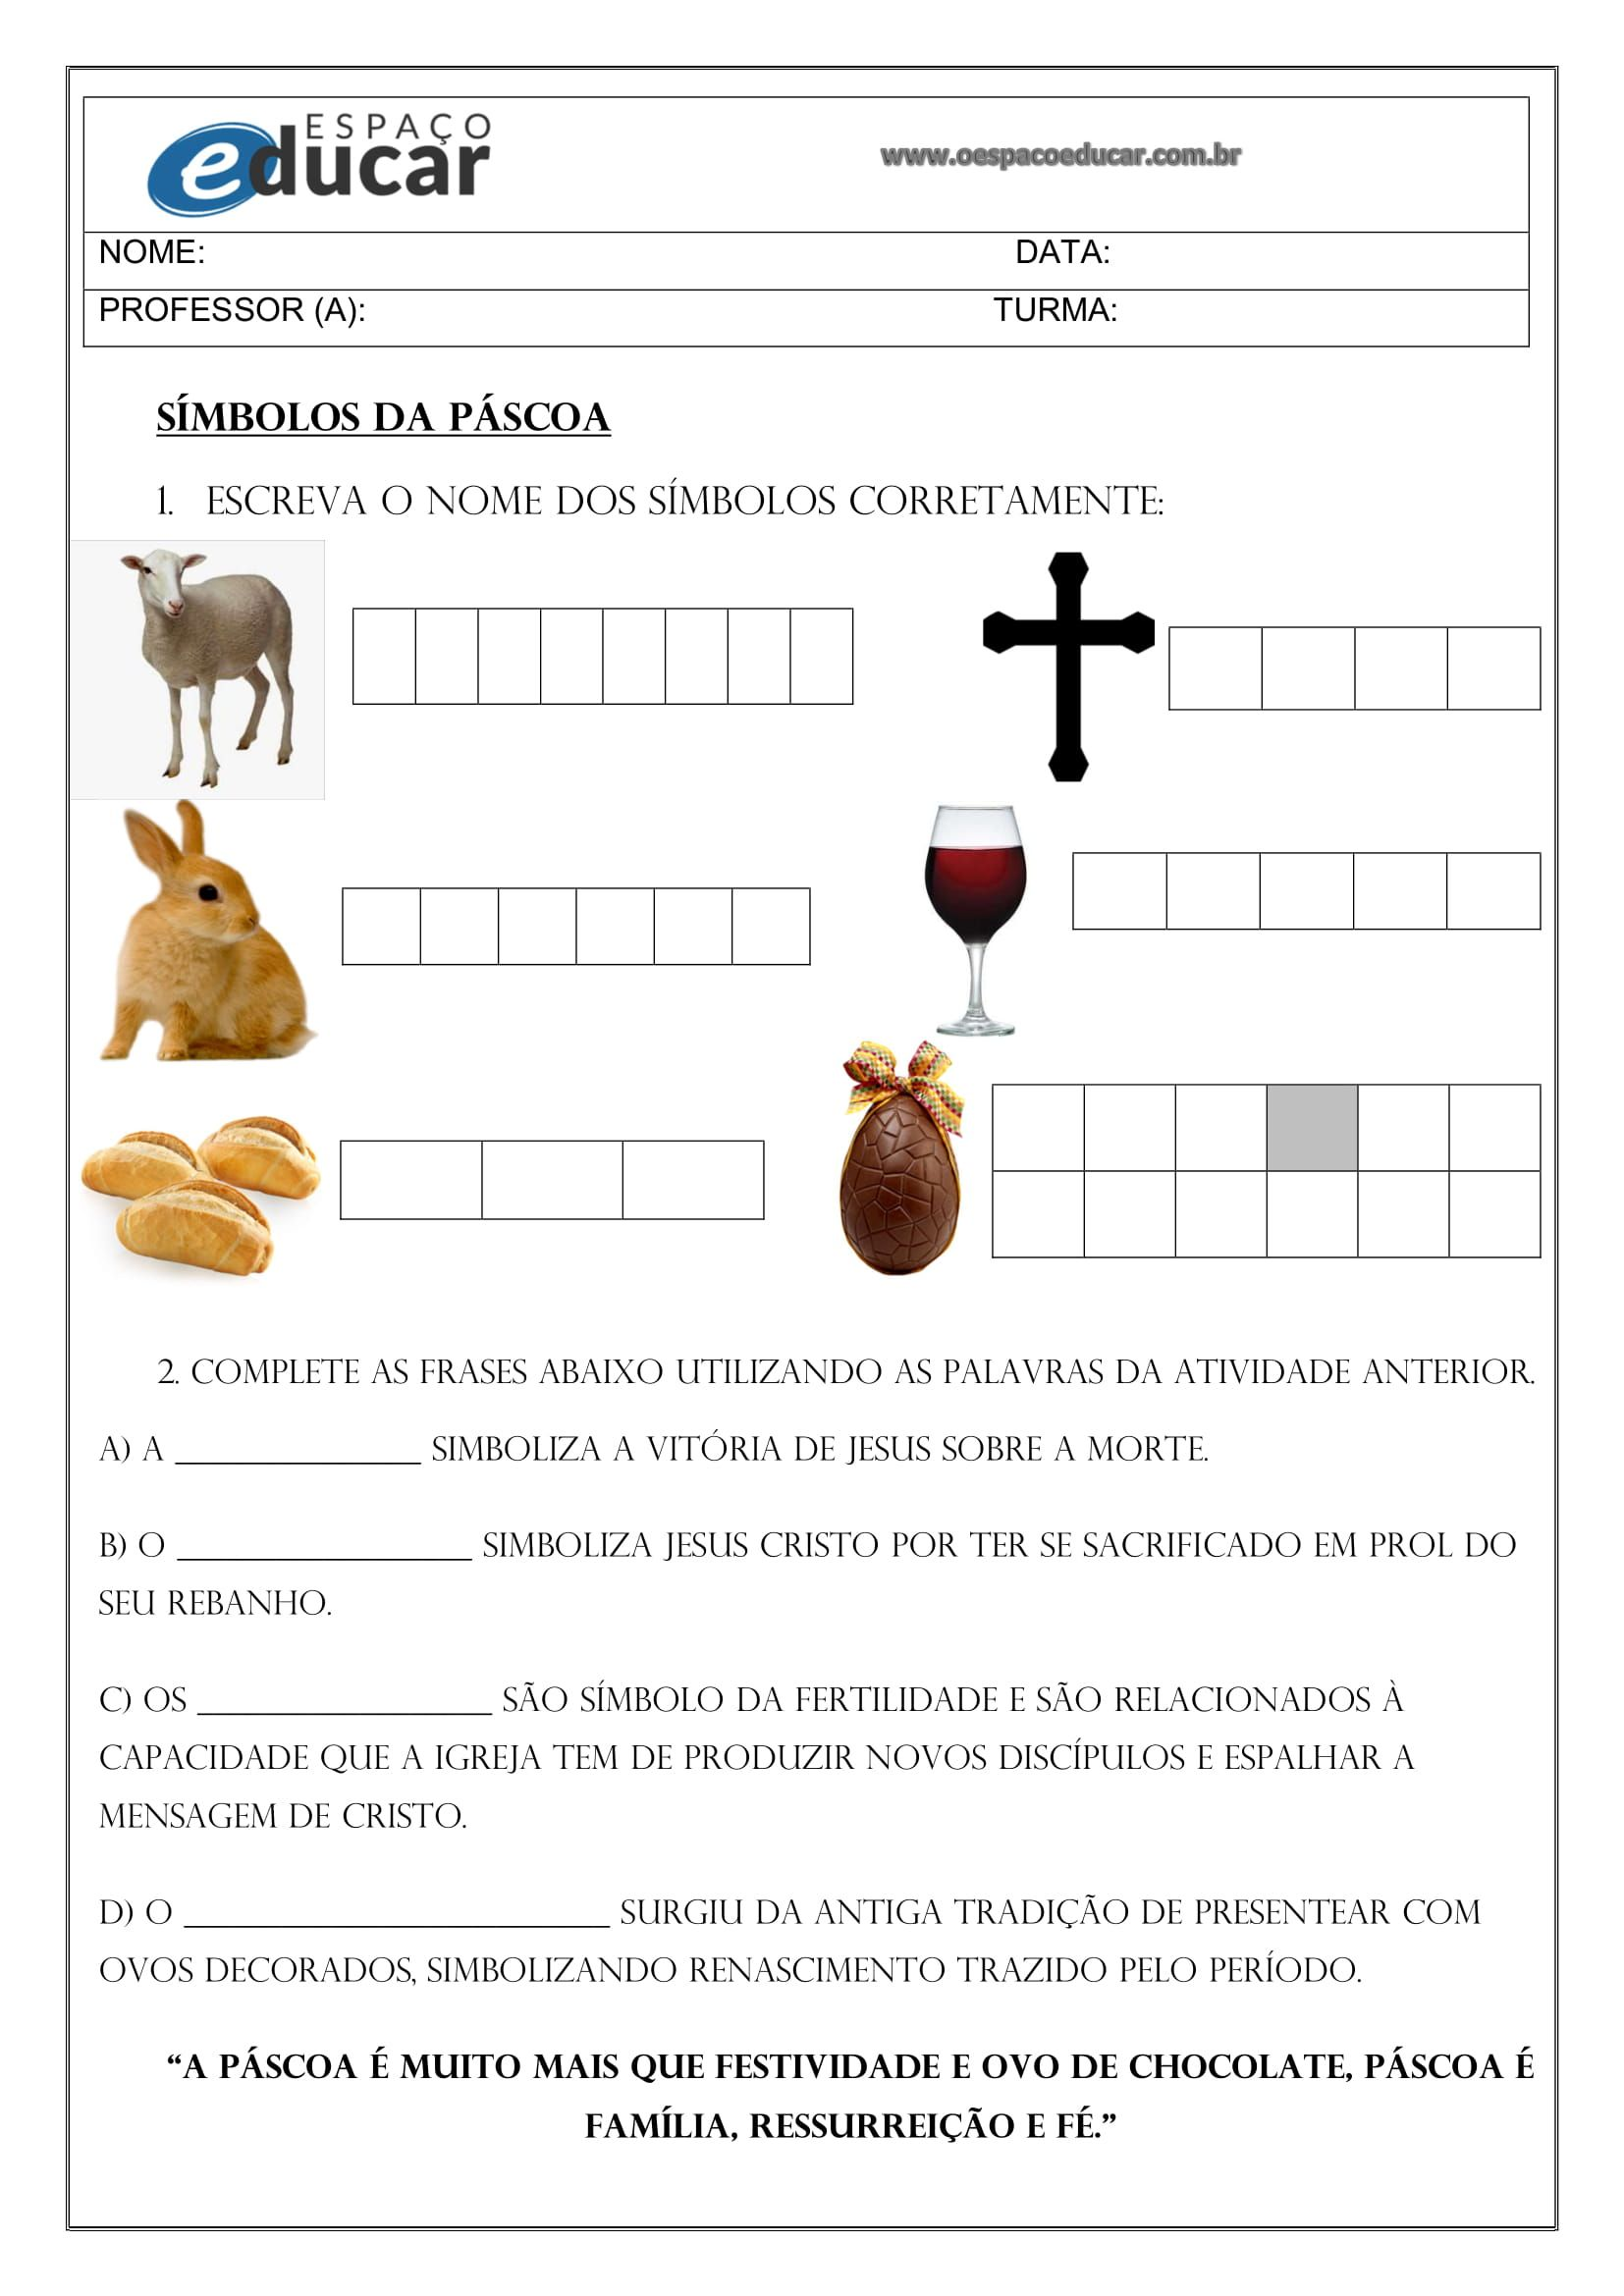 Sequencia Didatica De Alfabetizacao Eja Para Pascoa Alfabetizacao Simbolos Da Pascoa Atividades De Ortografia